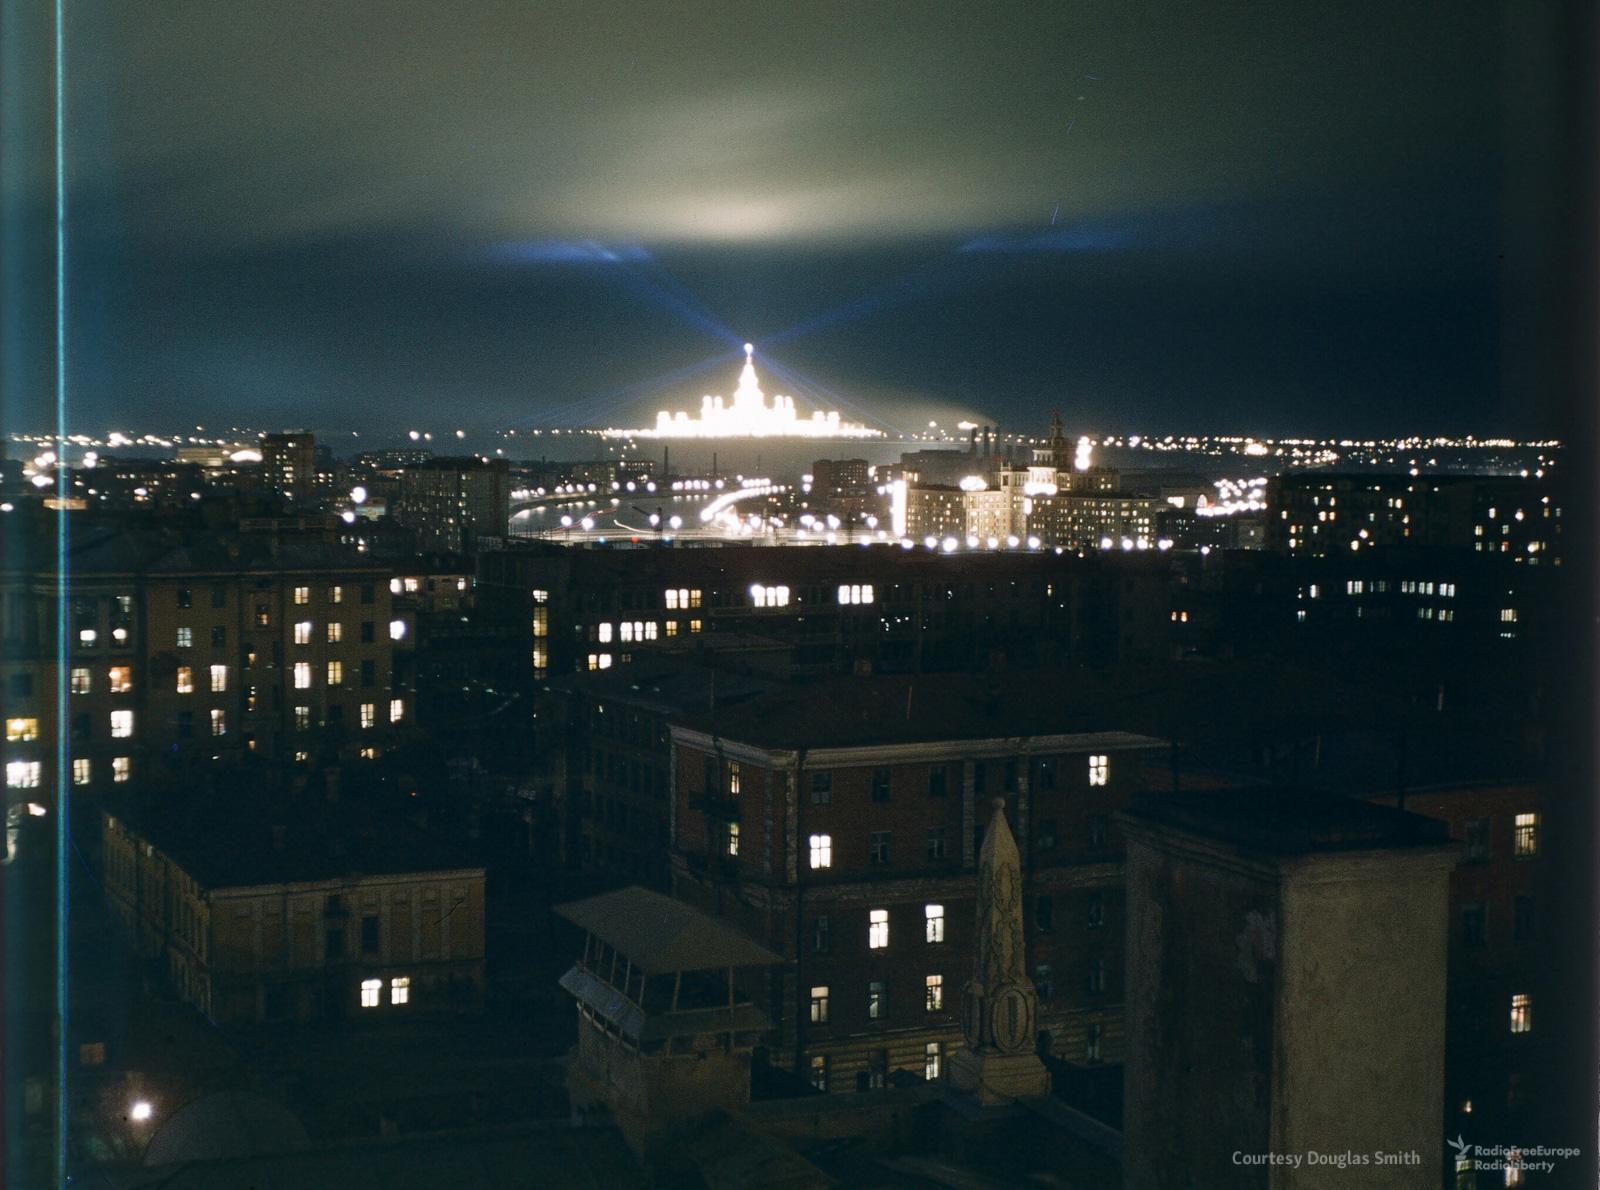 Подсветка зданияМГУ. Так выглядел Московский государственный университет вскоре послепостройки. Кадр снят скрыши американского посольства